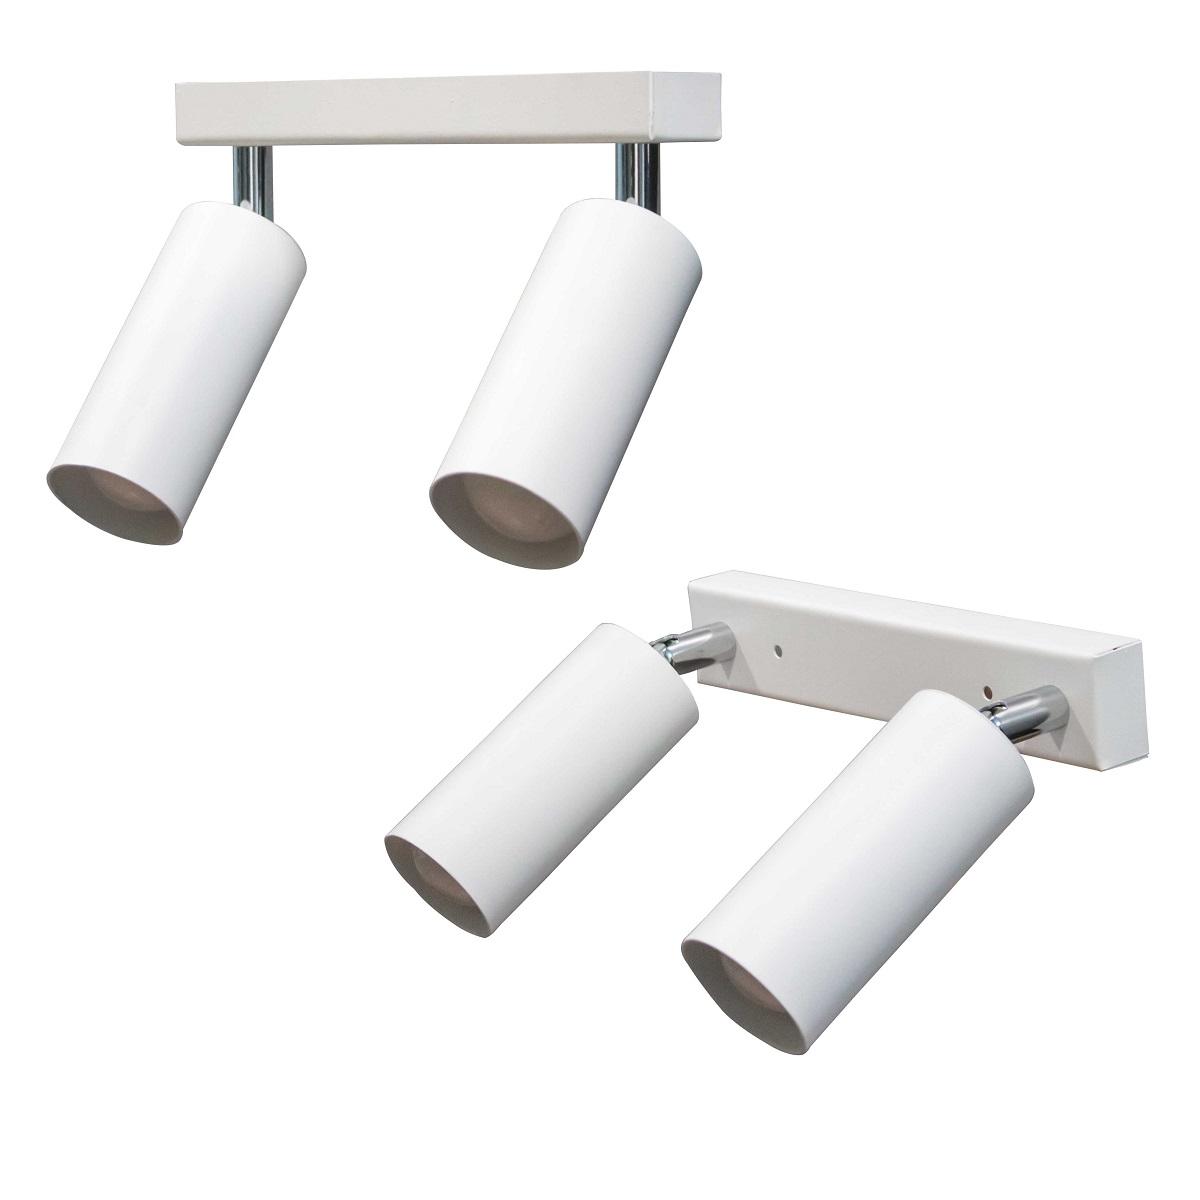 Светильники ЛОФТ - Люстра лофт потолочная с поворотным плафоном 000002768 - Фото 1